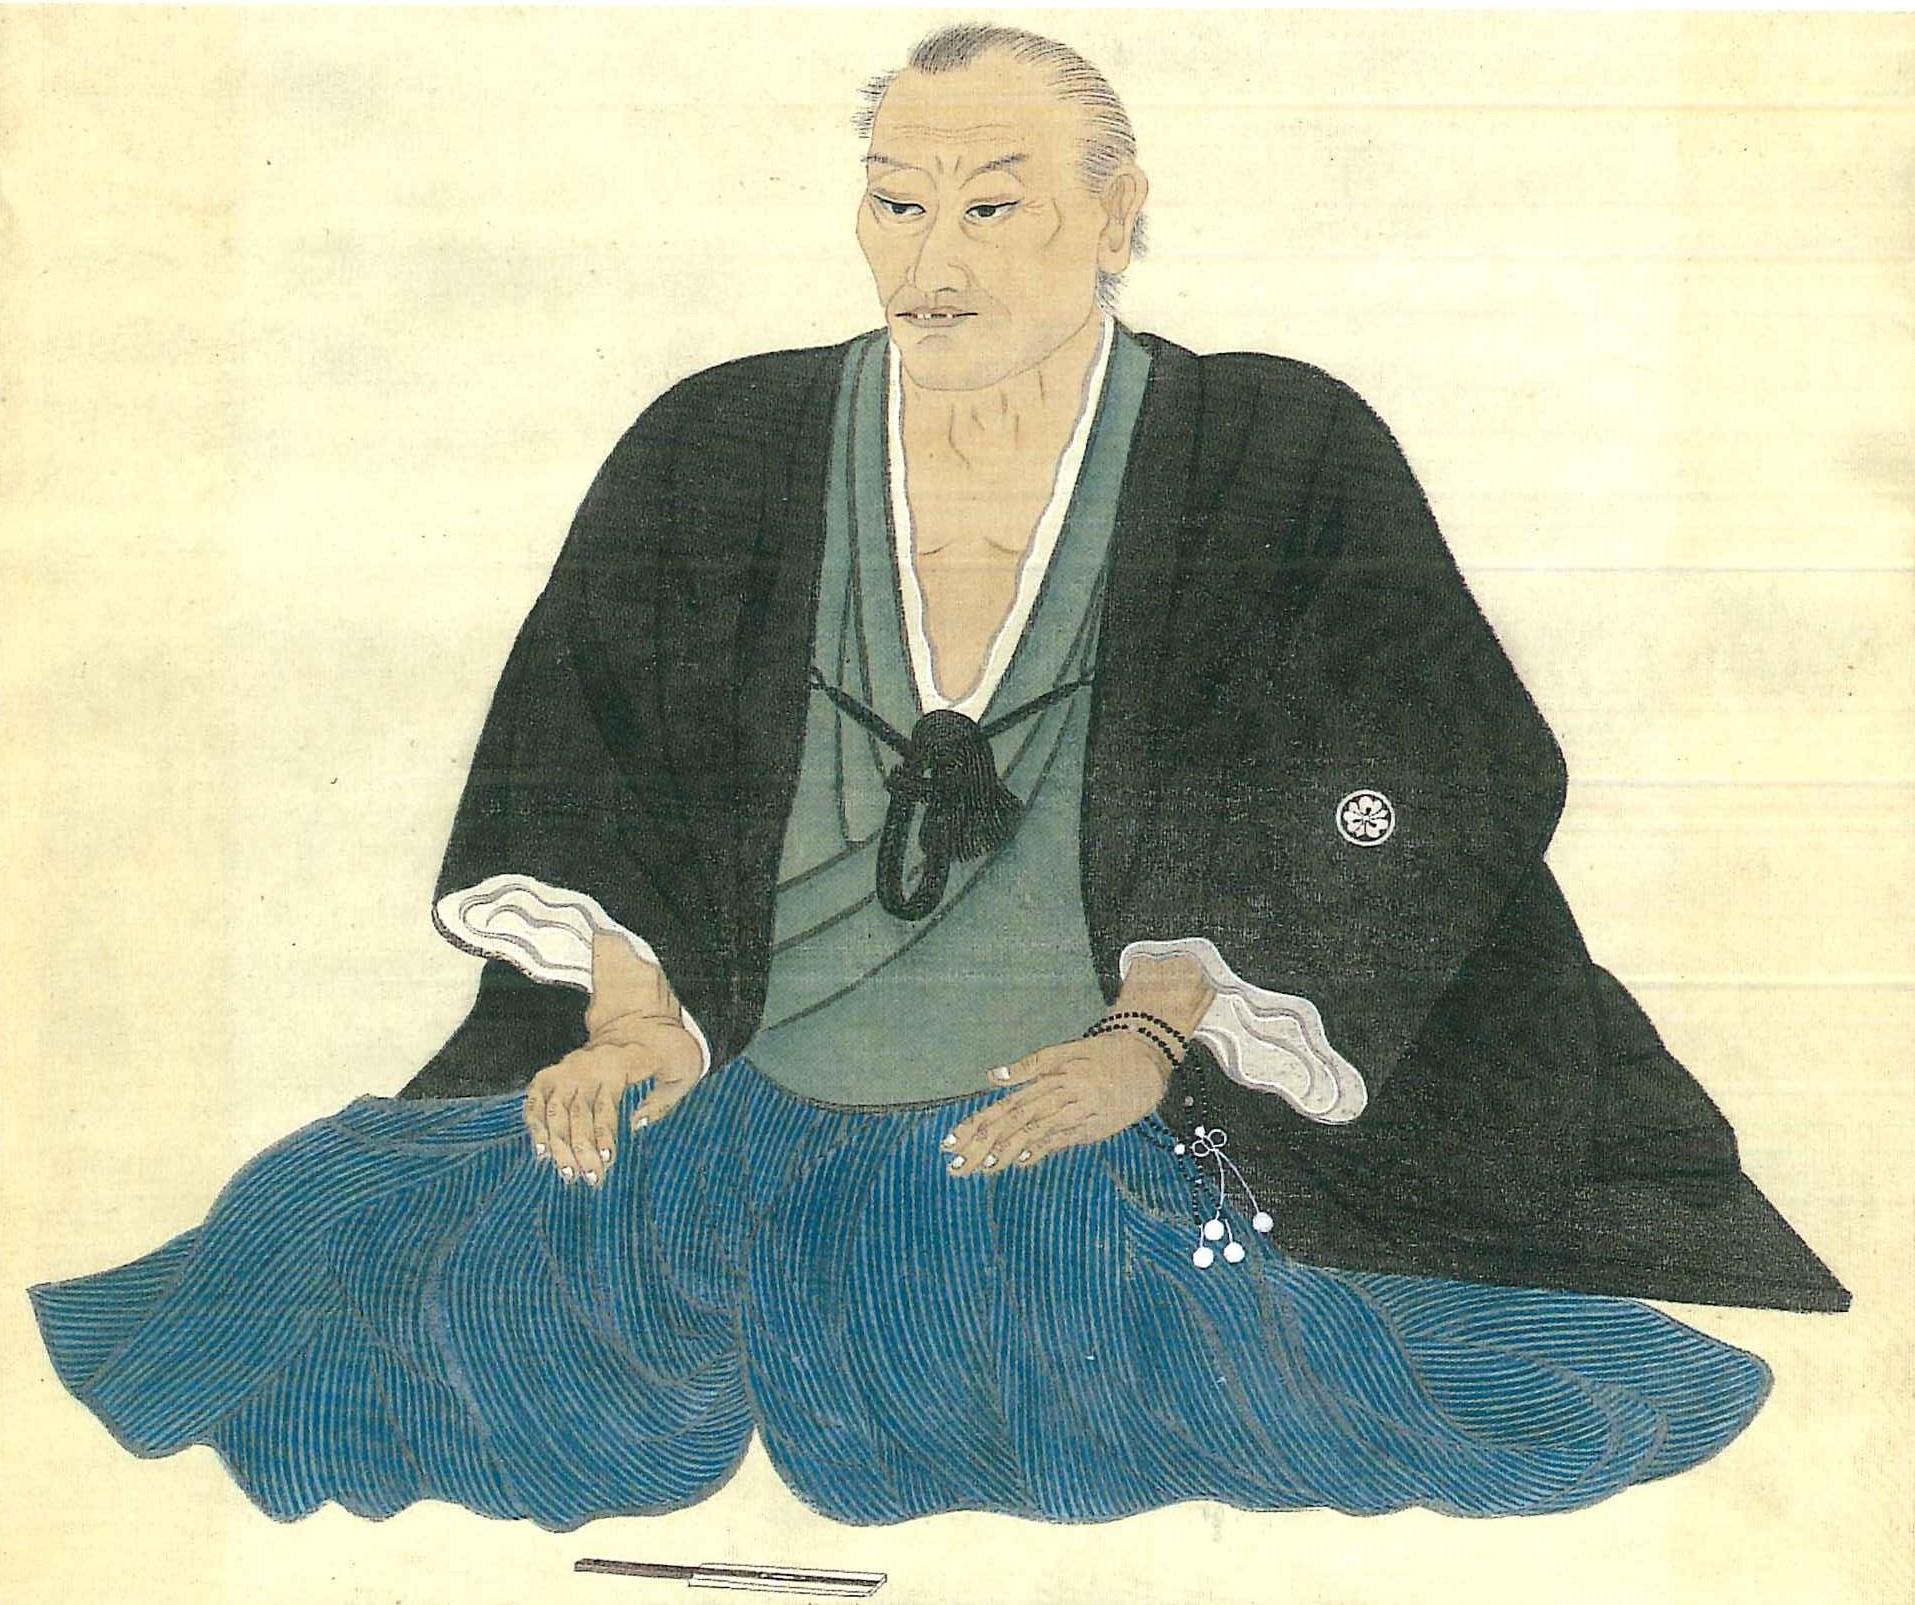 砺波庄太郎肖像画(『両堂再建の妙好人 砺波庄太郎』)